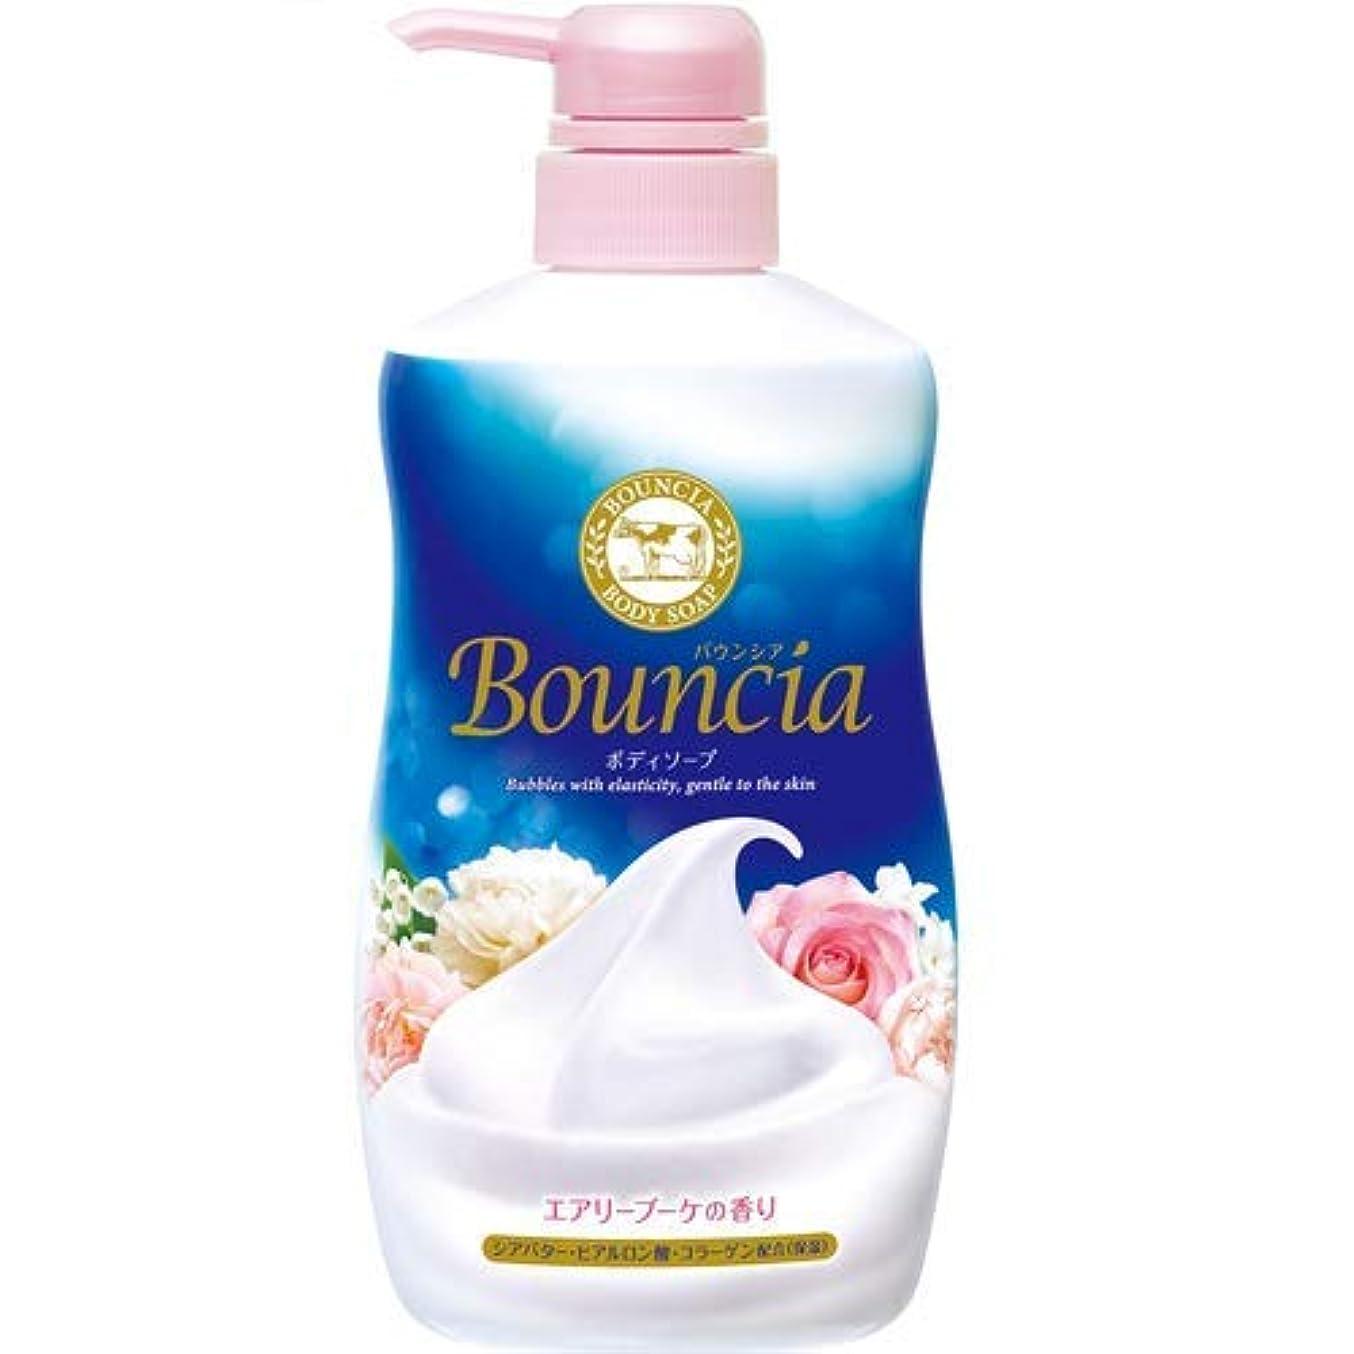 ダウンタウン反対する最初にバウンシア ボディソープ エアリーブーケの香り ポンプ付 500mL